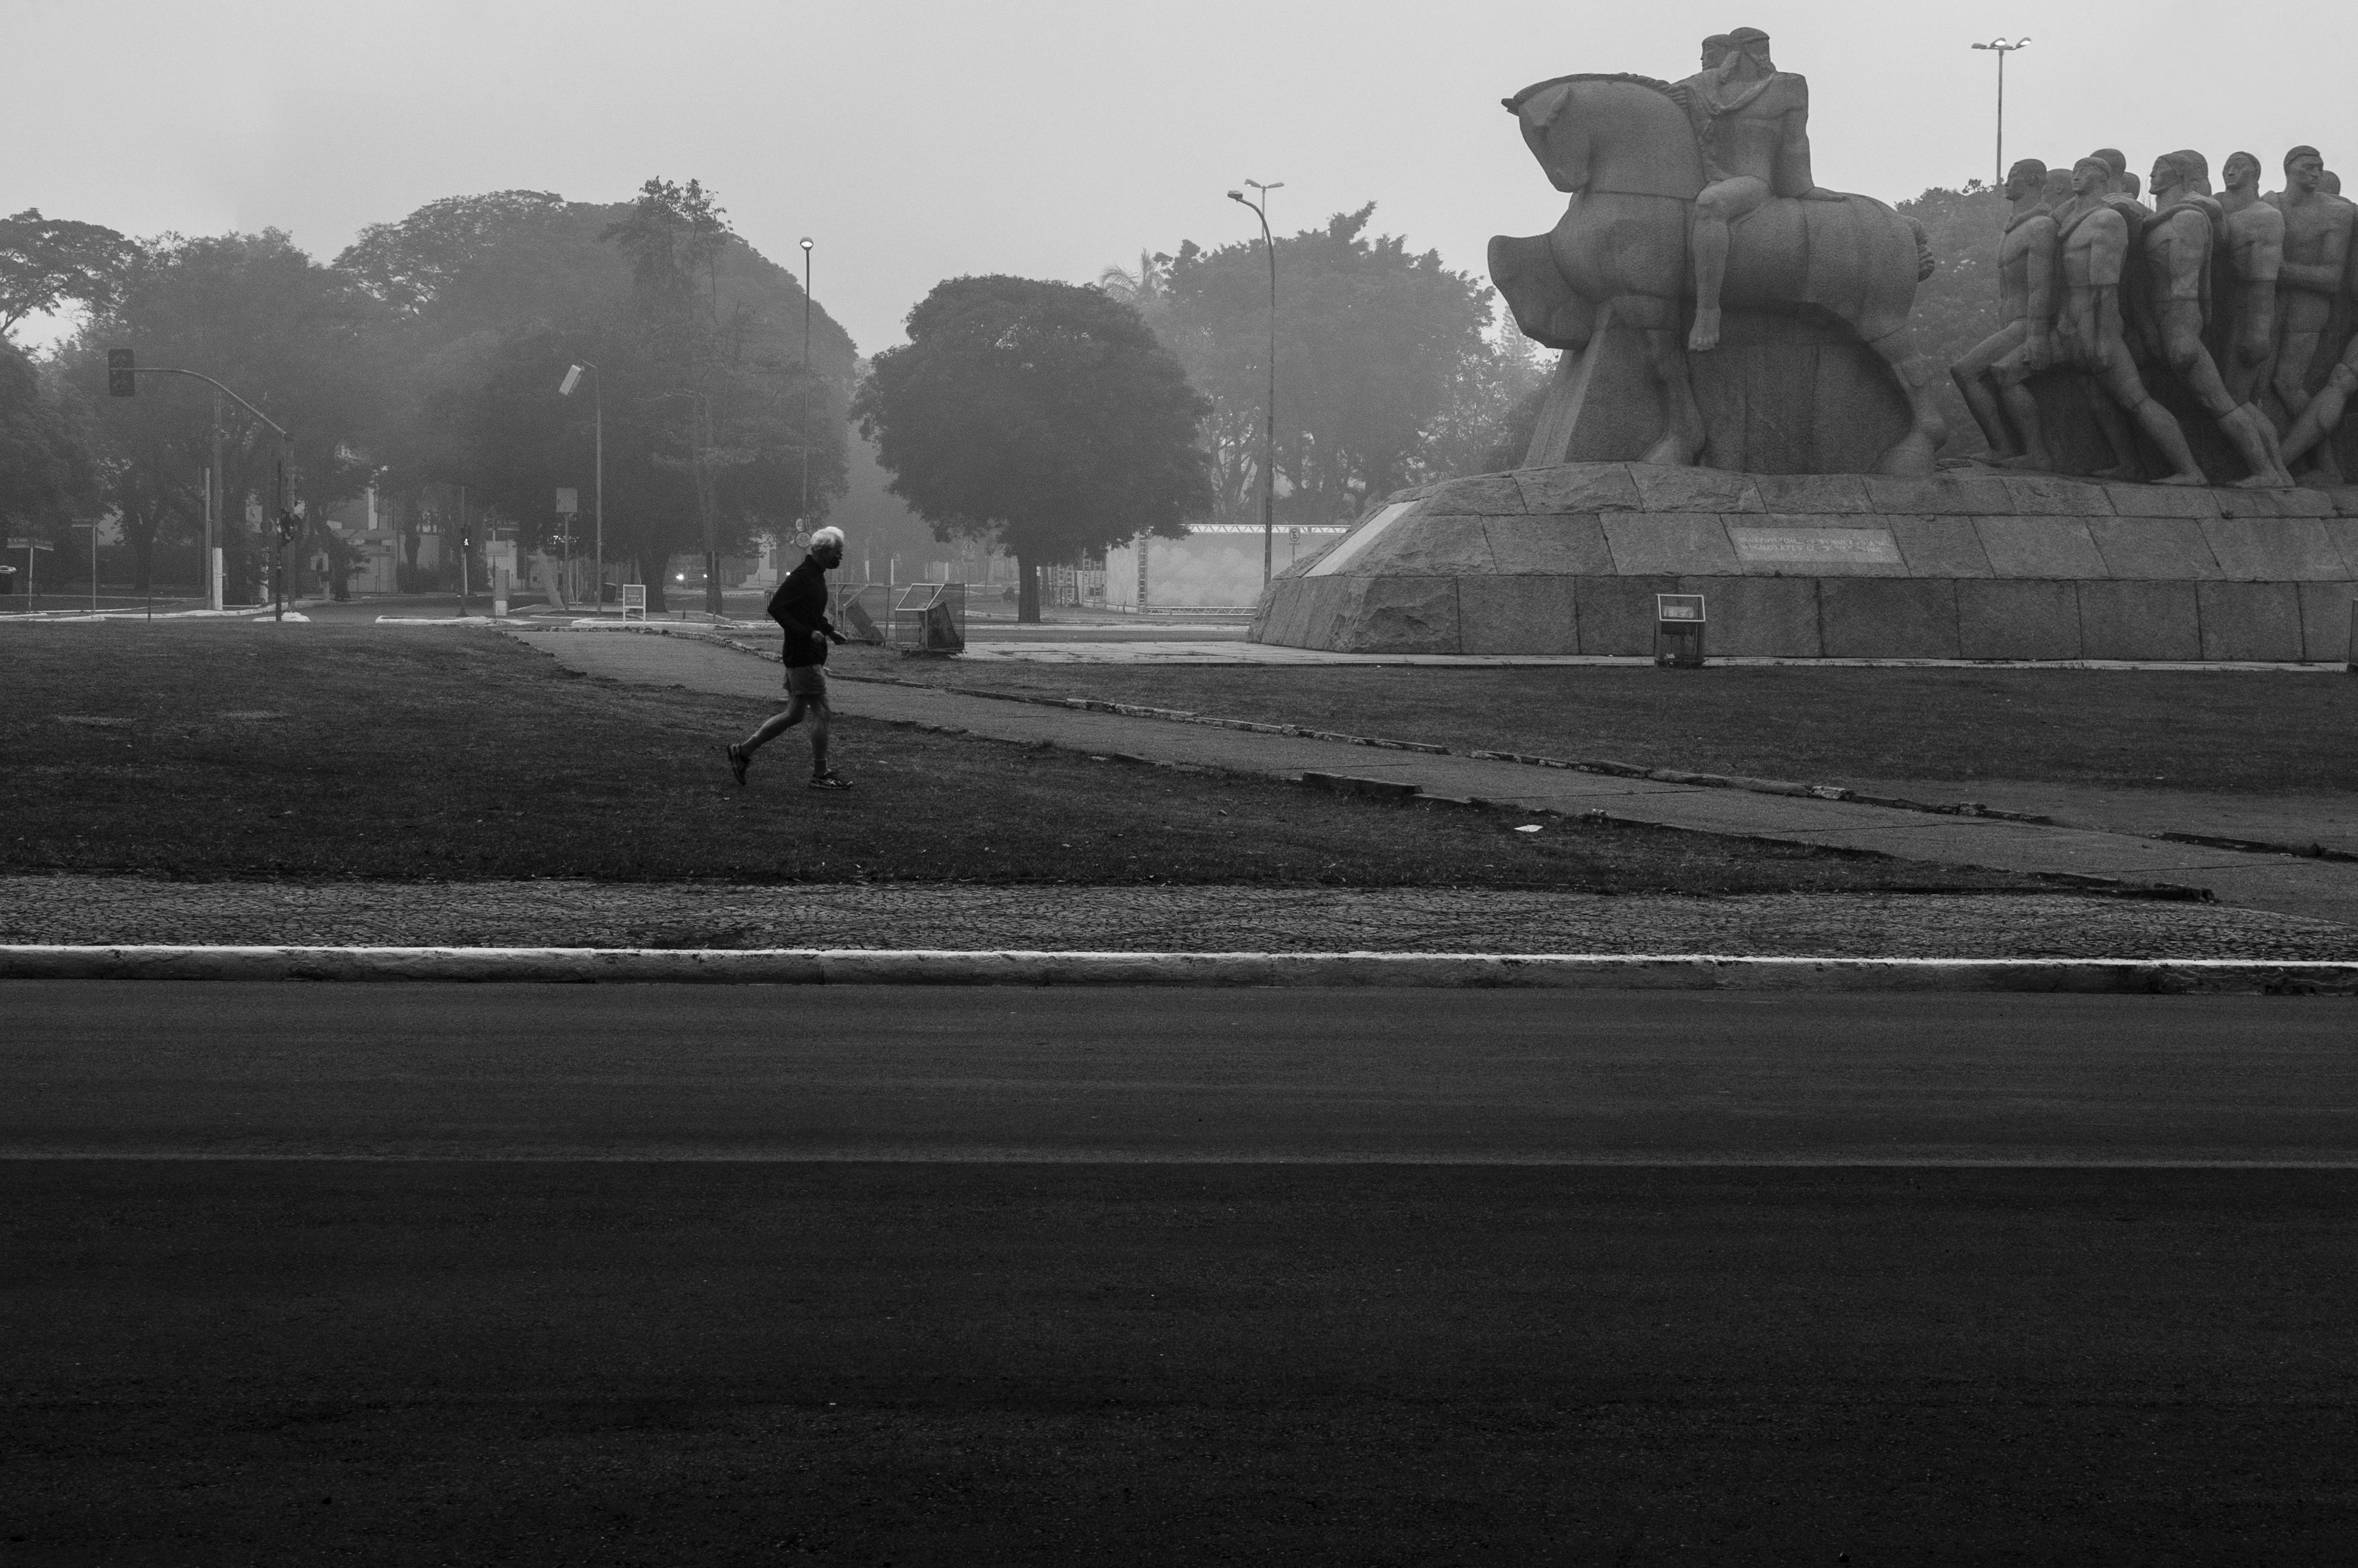 15_Praça_Pedro_Alvares_cabral,_dia_17_